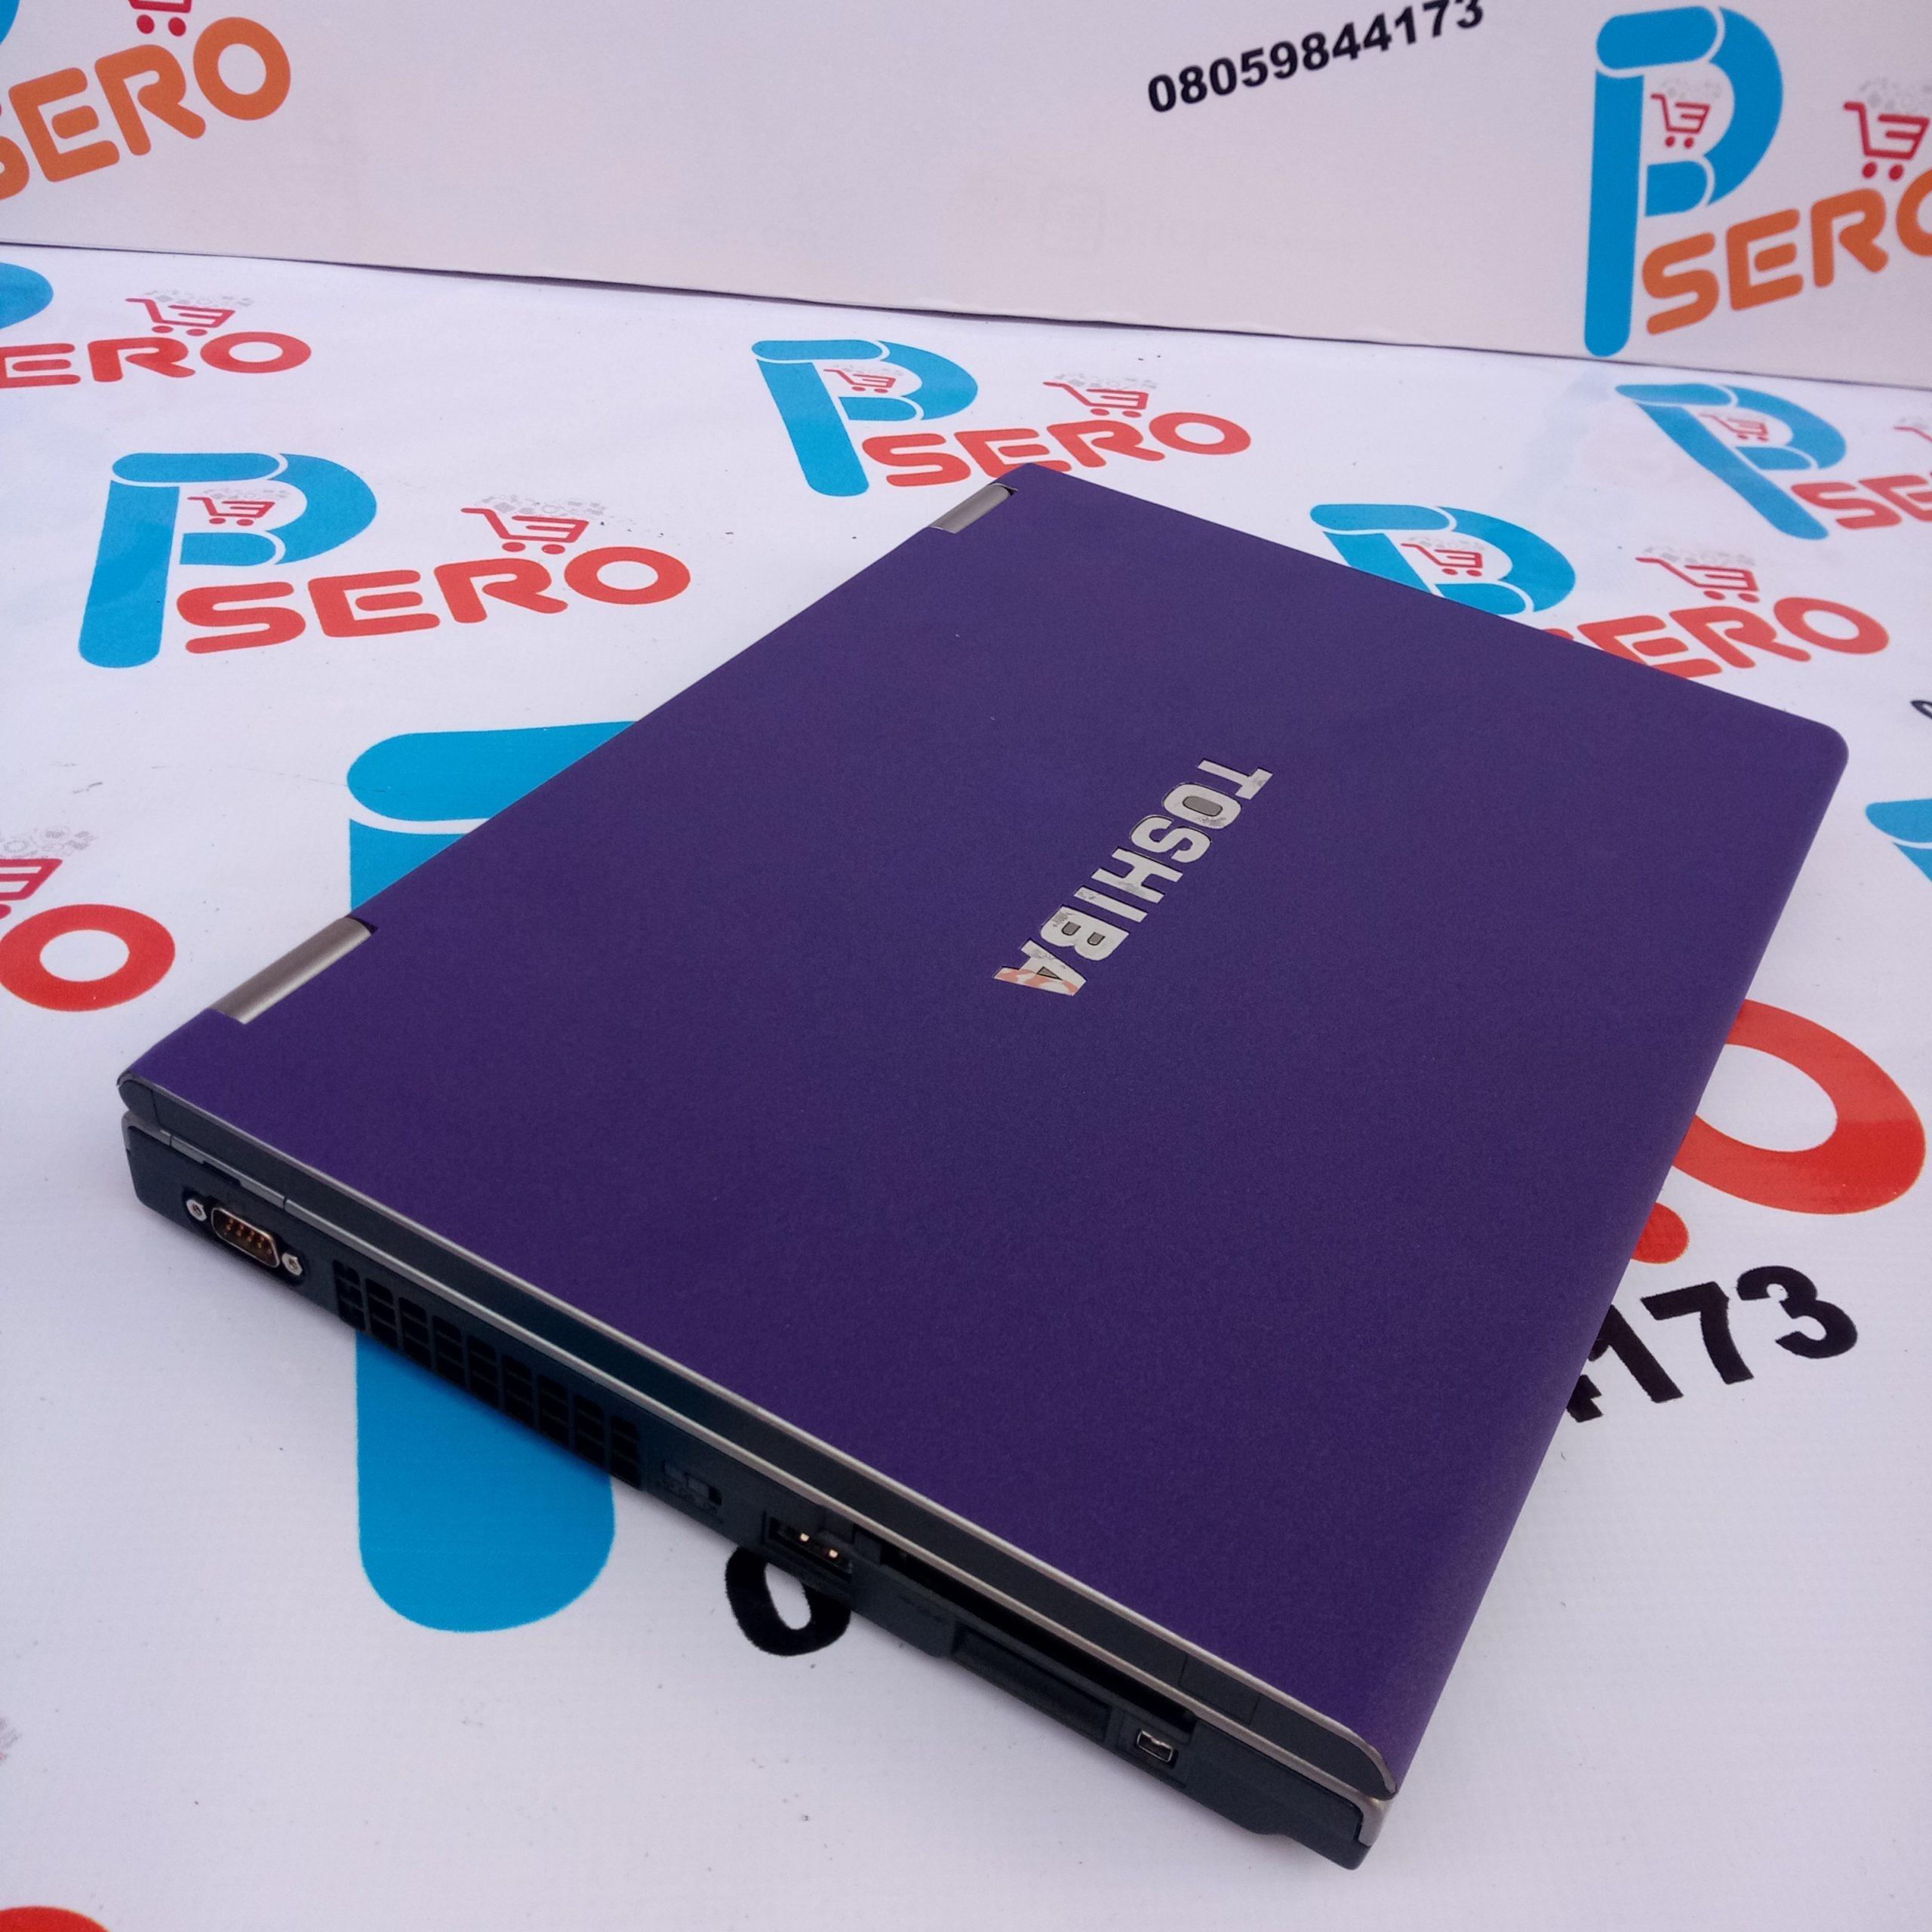 Uk Used Toshiba Core 2 Duo Laptop – 2GB Ram/100GB HDD